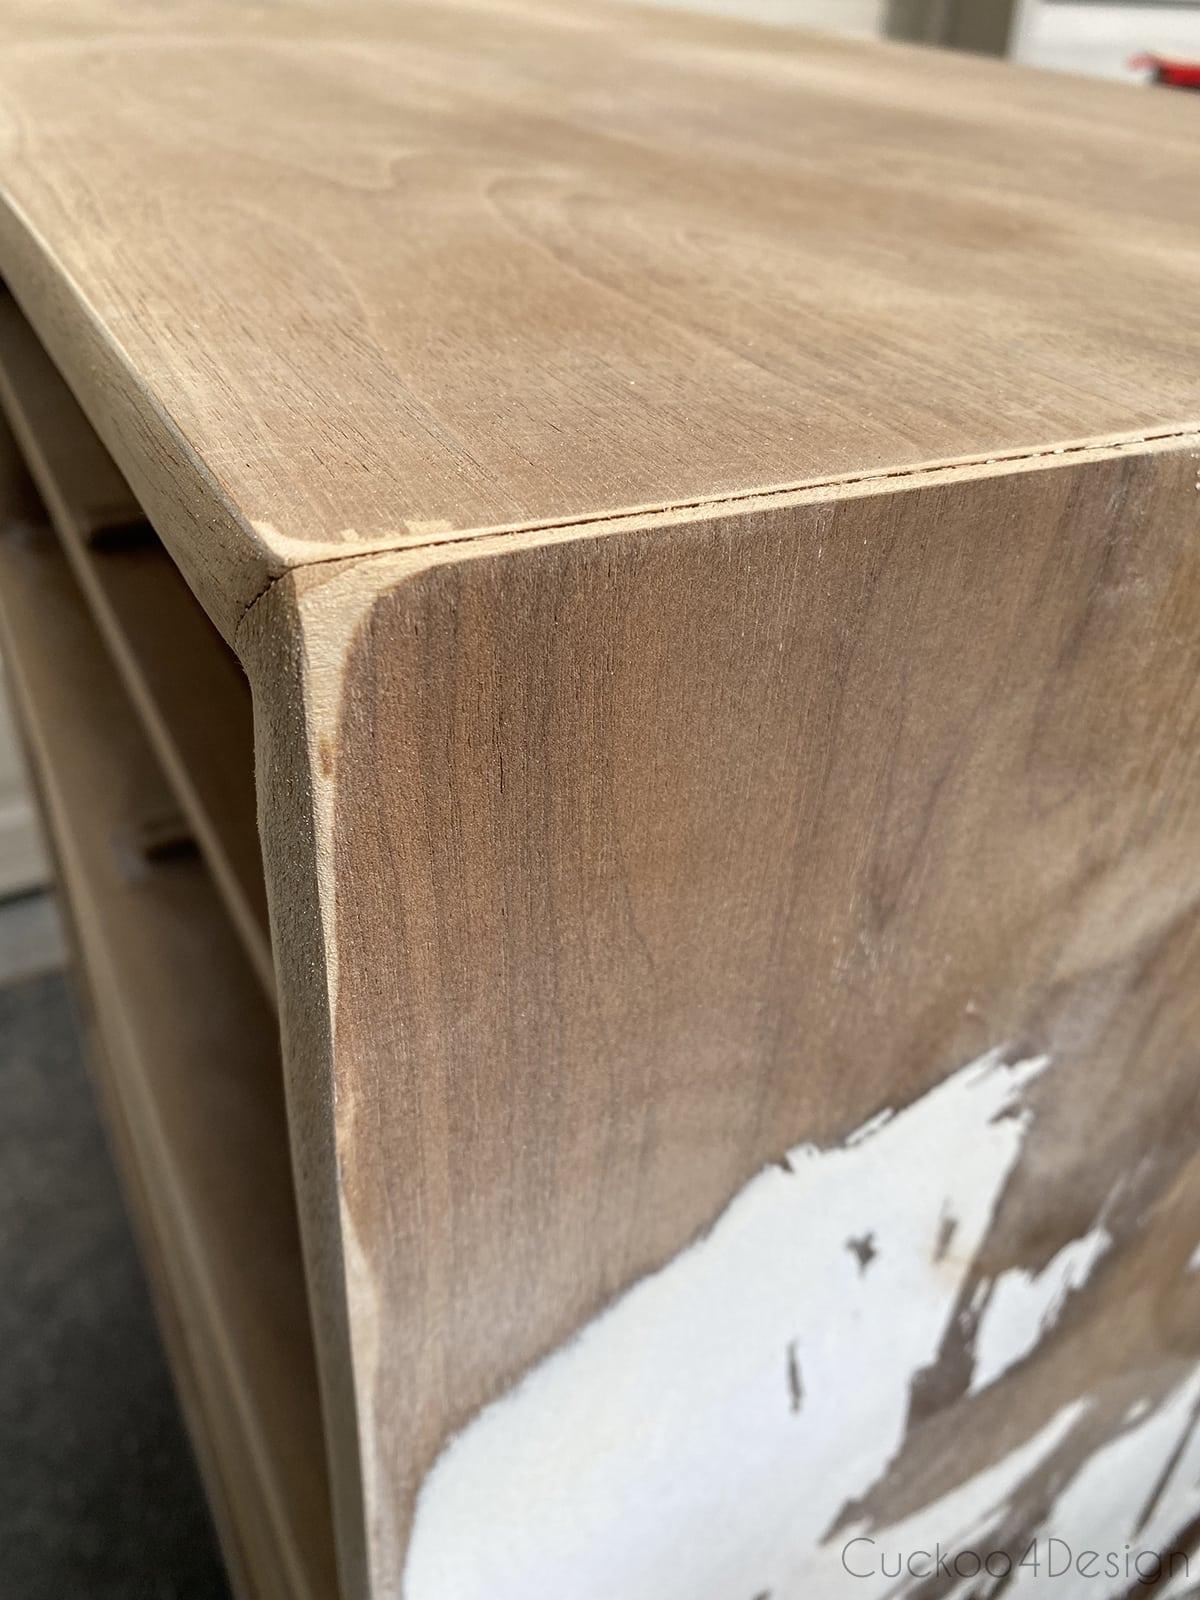 chipped veneer corners